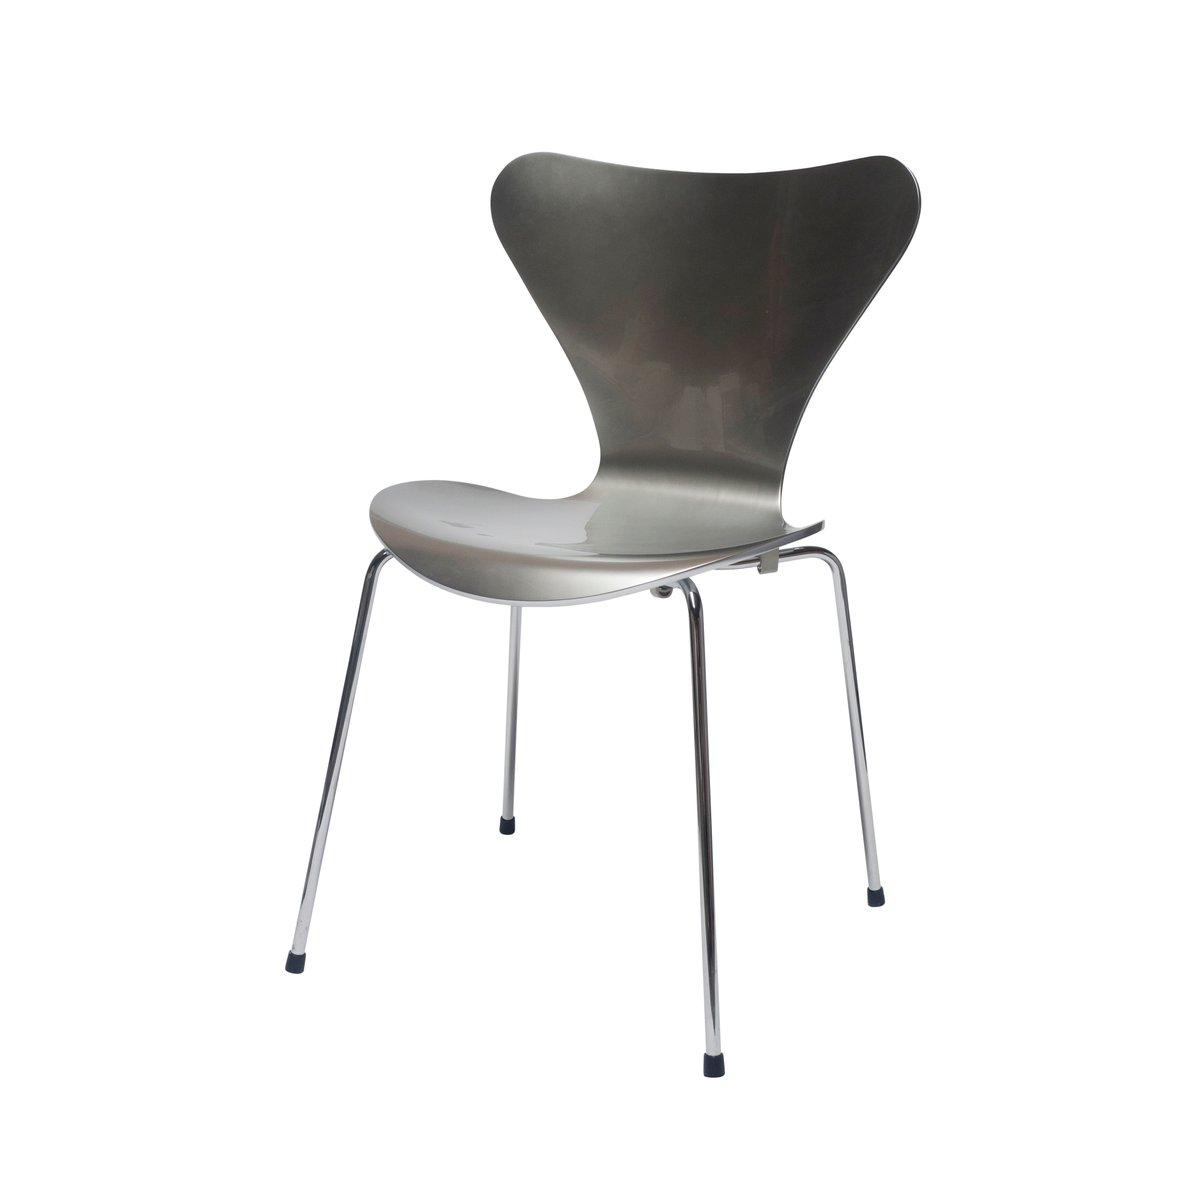 Ameise stuhl finest stuhl fritz hansen die ameise with for Fritz hansen nachbau